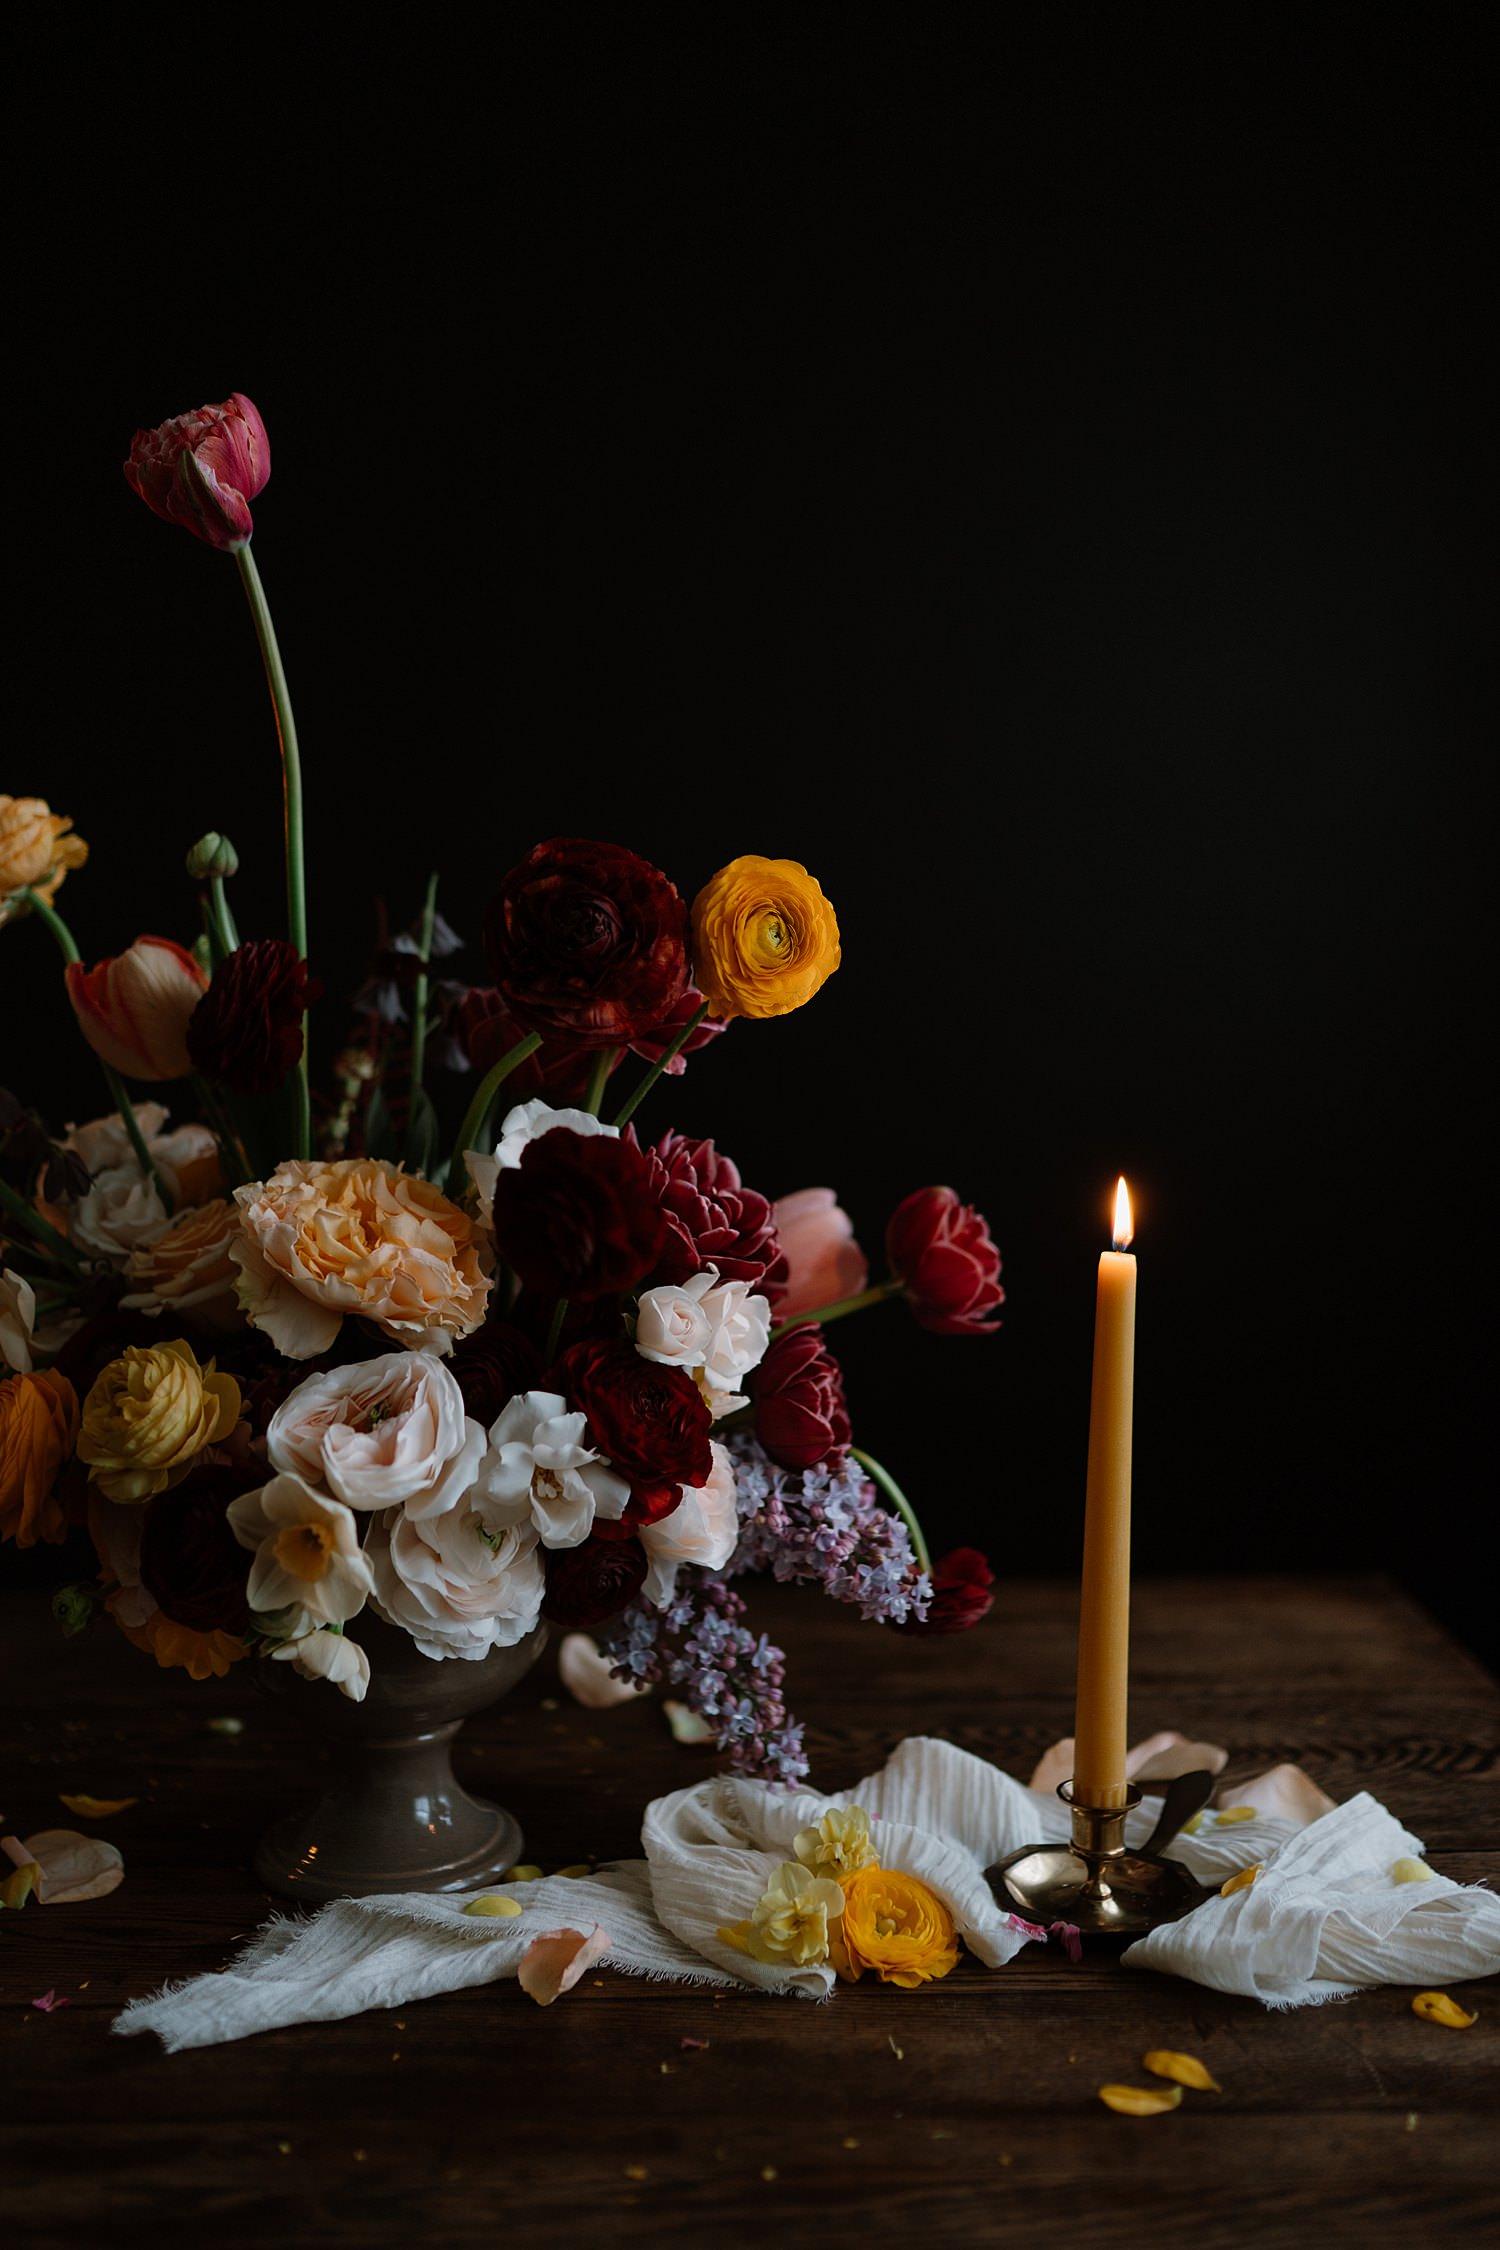 floral-art-002.JPG